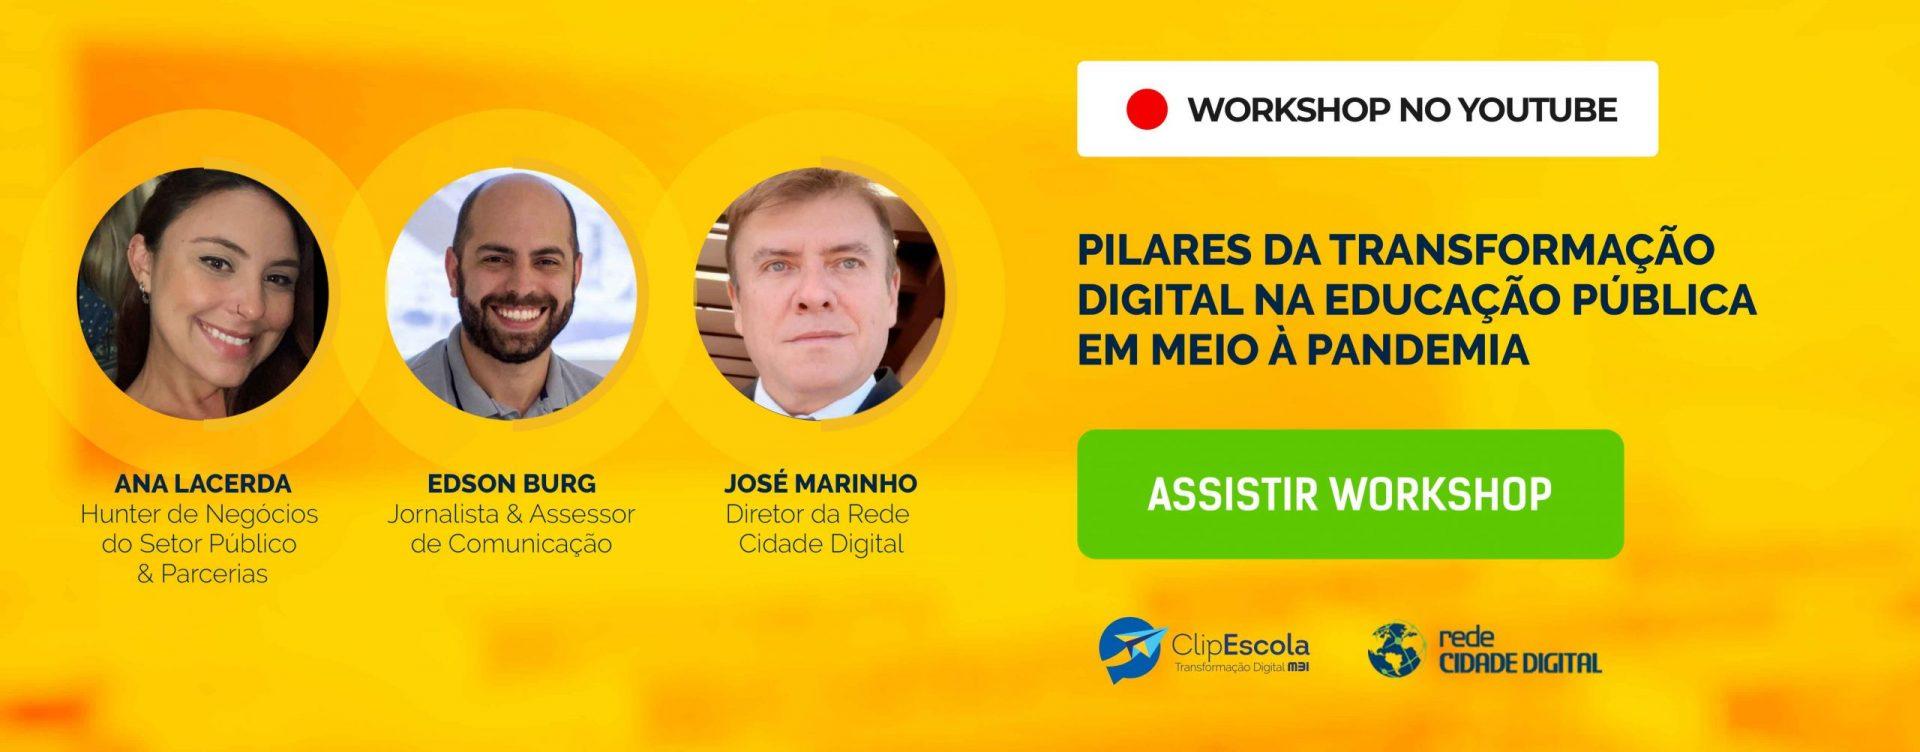 CTA_Workshop - Pilares da transformação digital na educação pública em meio à pandemia